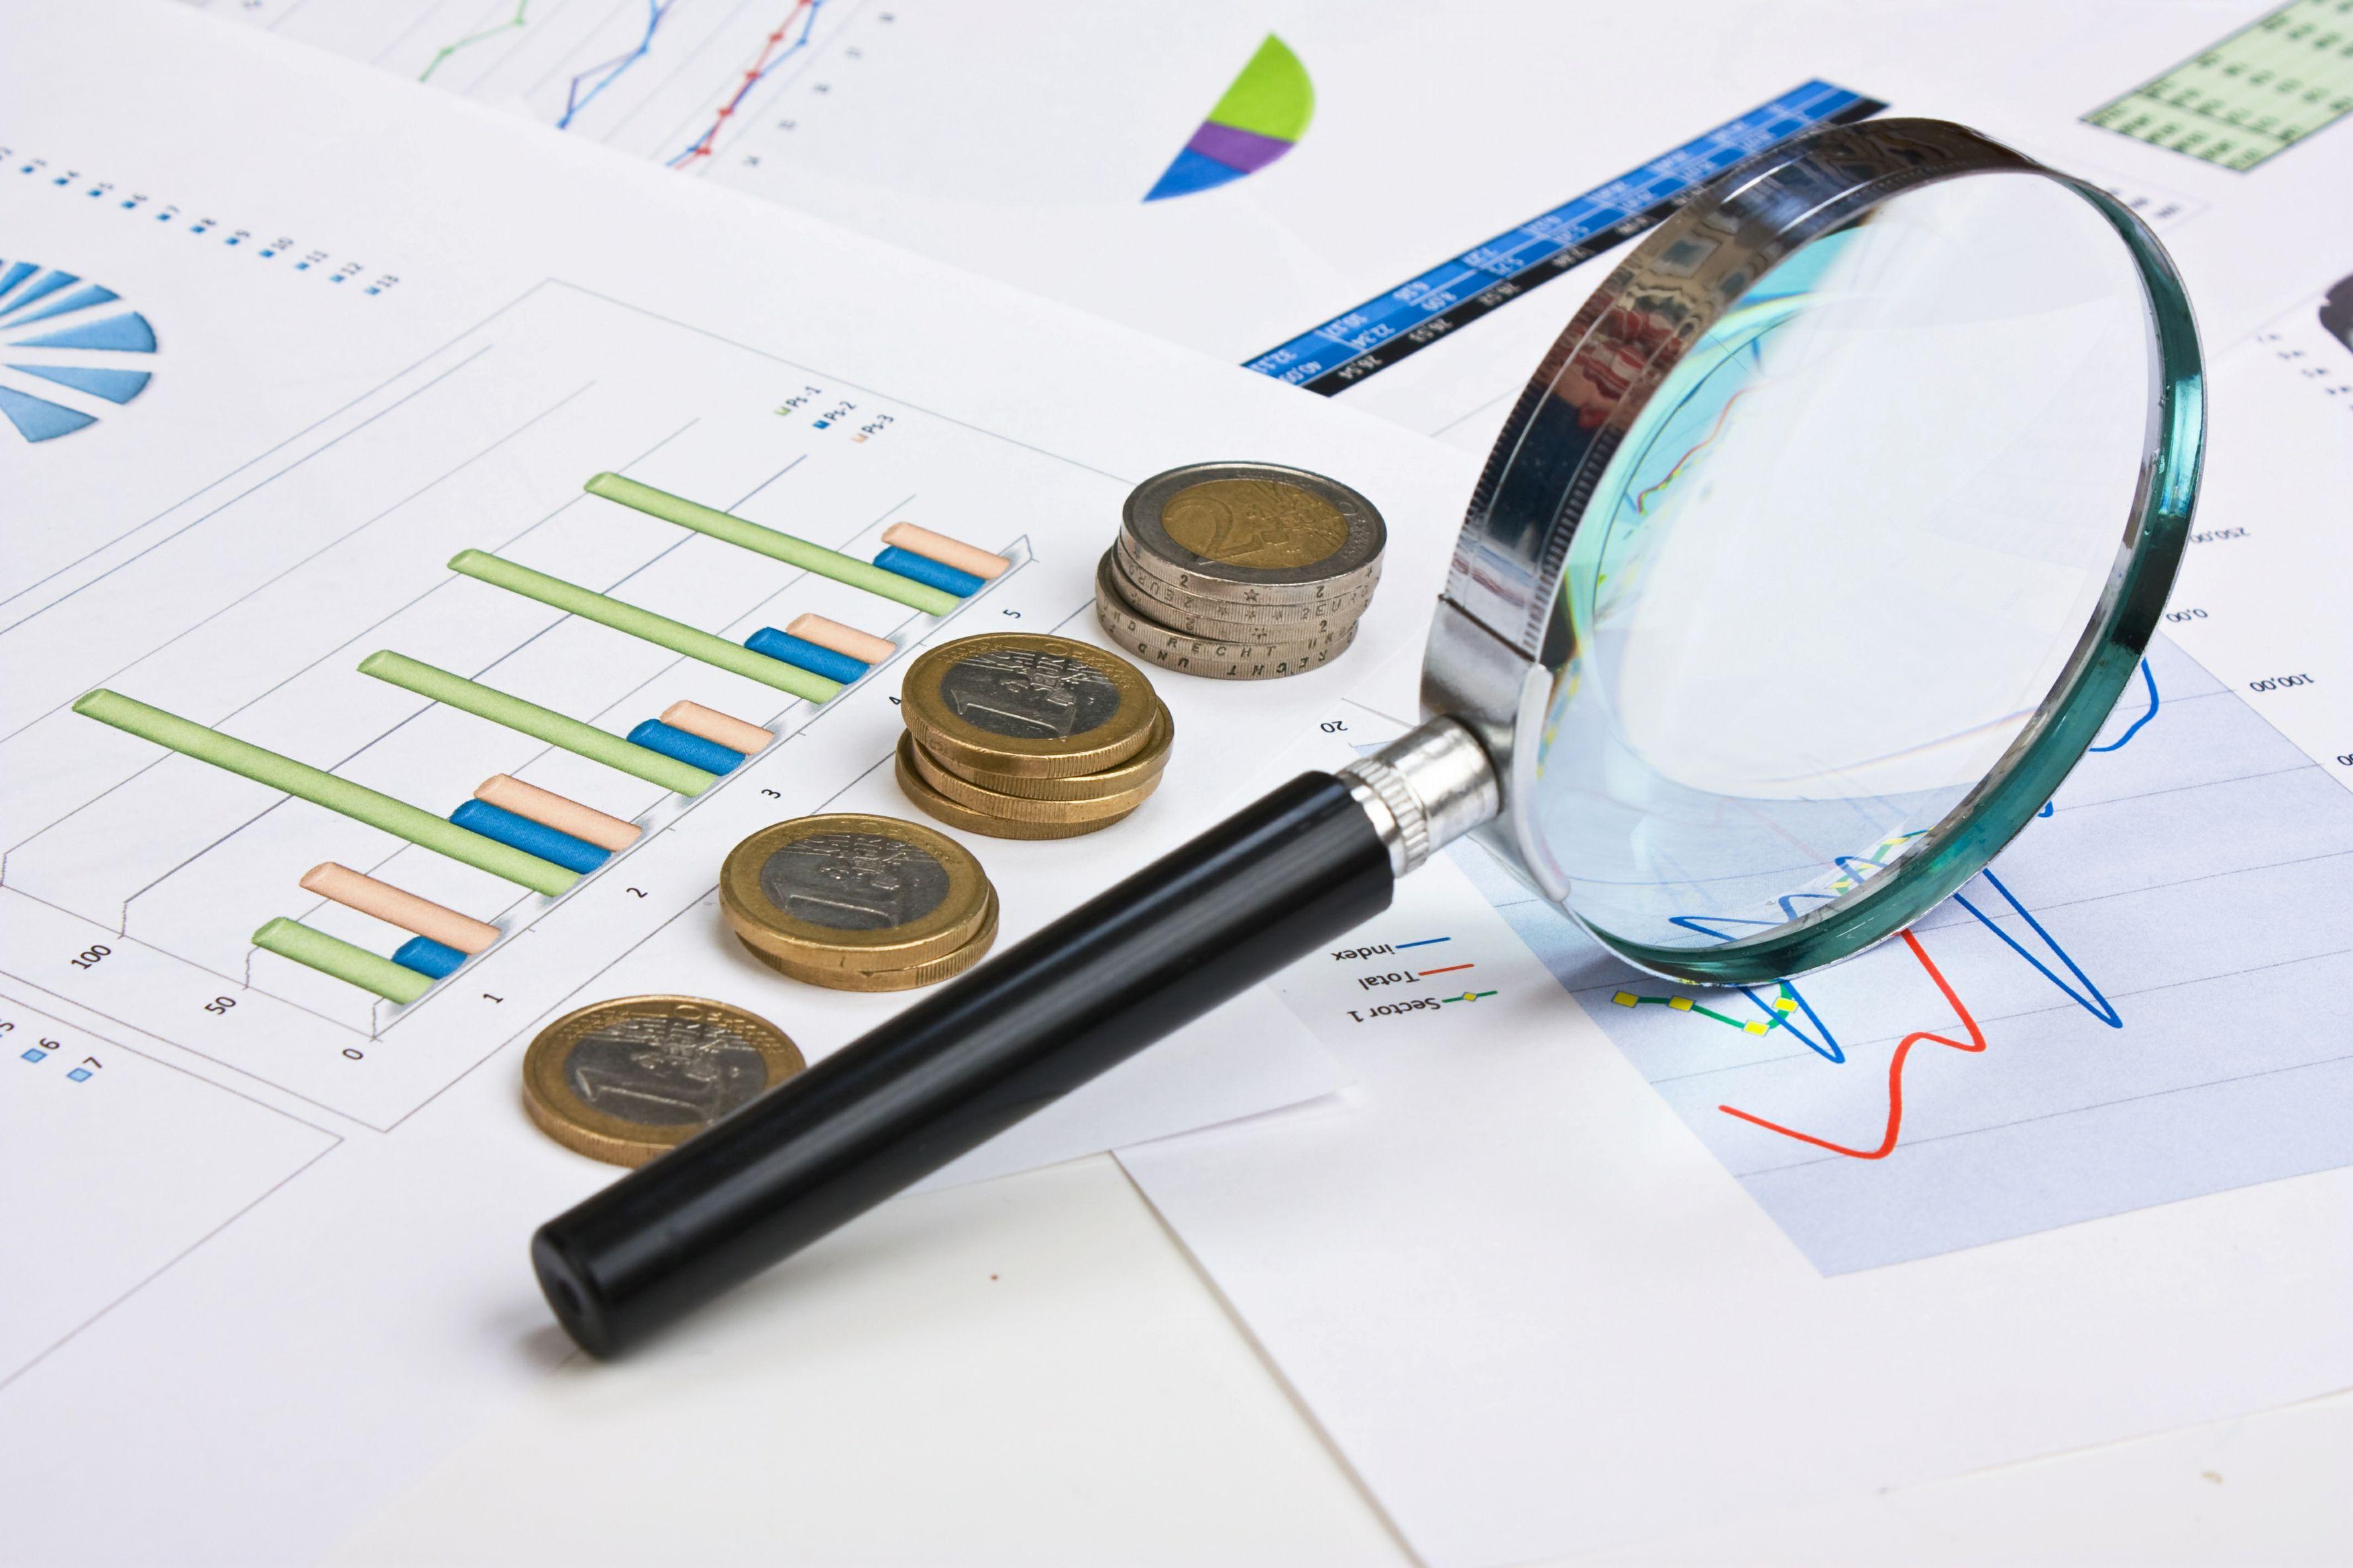 结合1-2月经济数据,对当前经济和政策形势的几点思考